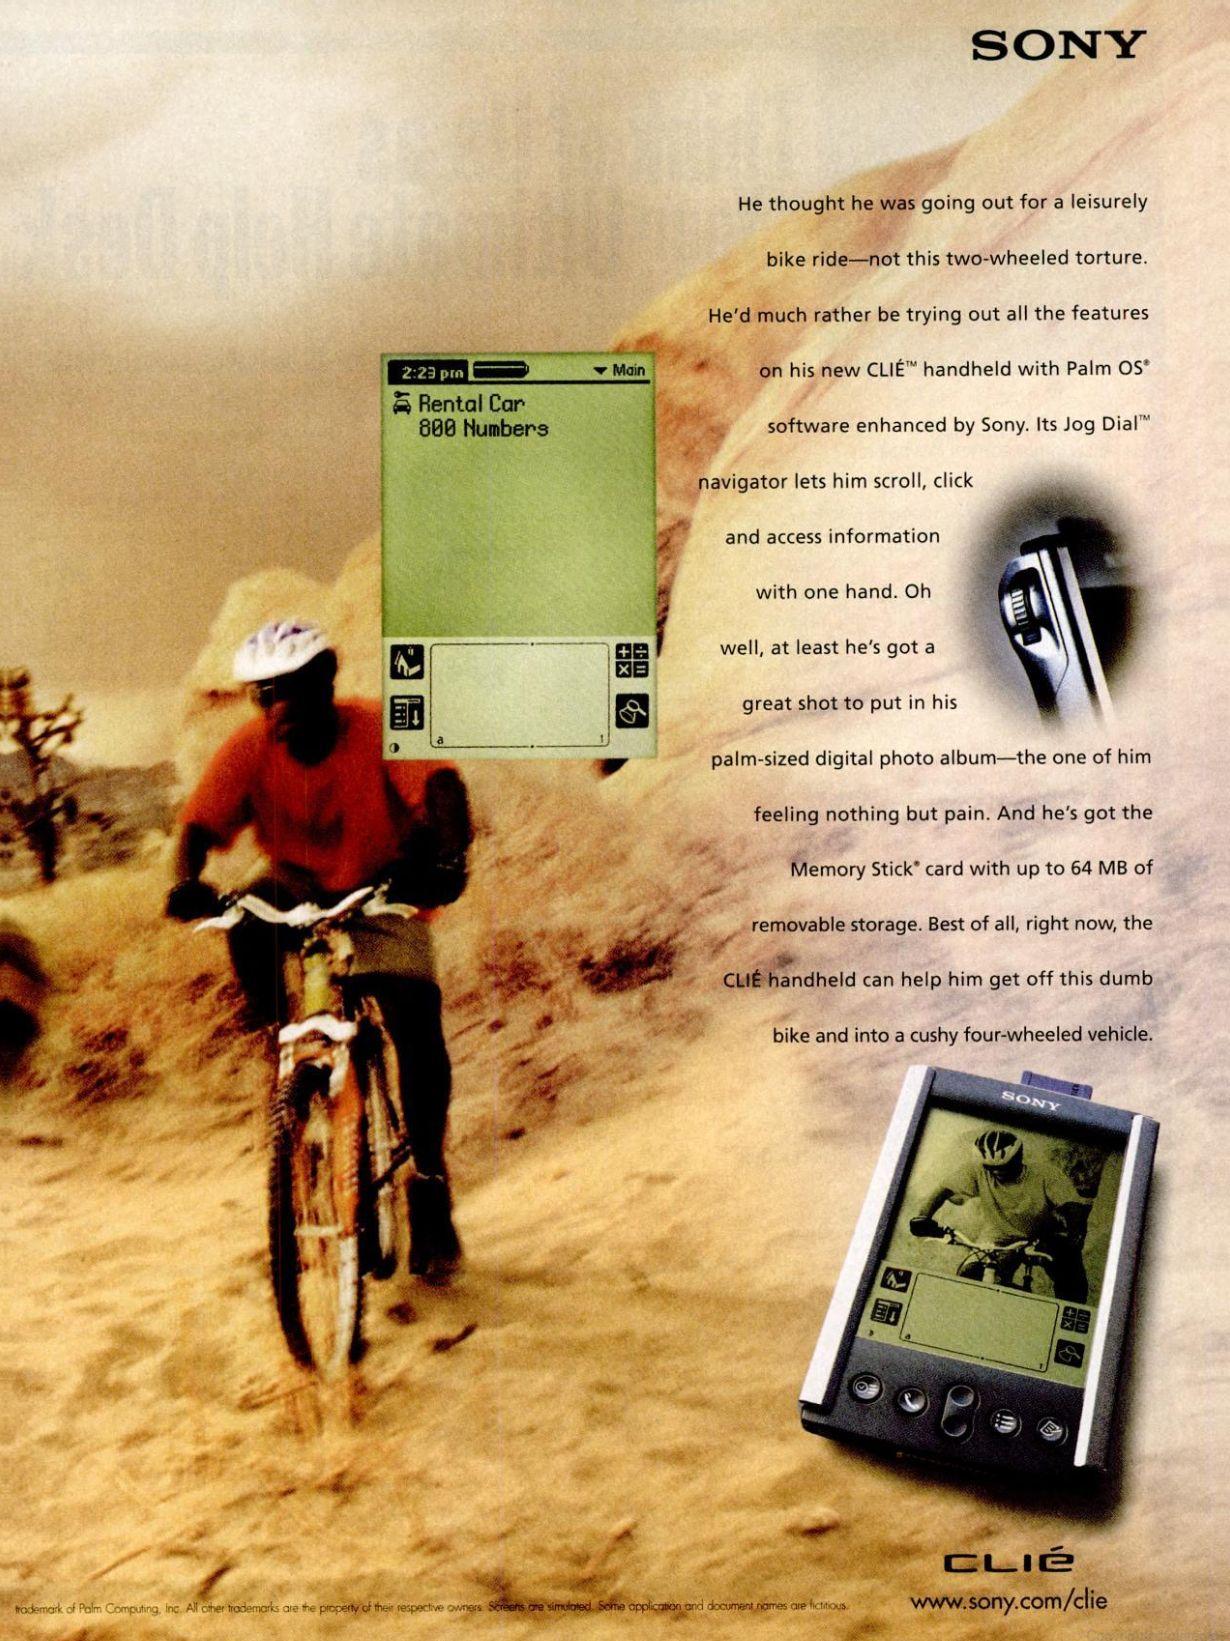 Древности: 20 лет компьютерных технологий в публикациях СМИ - 21